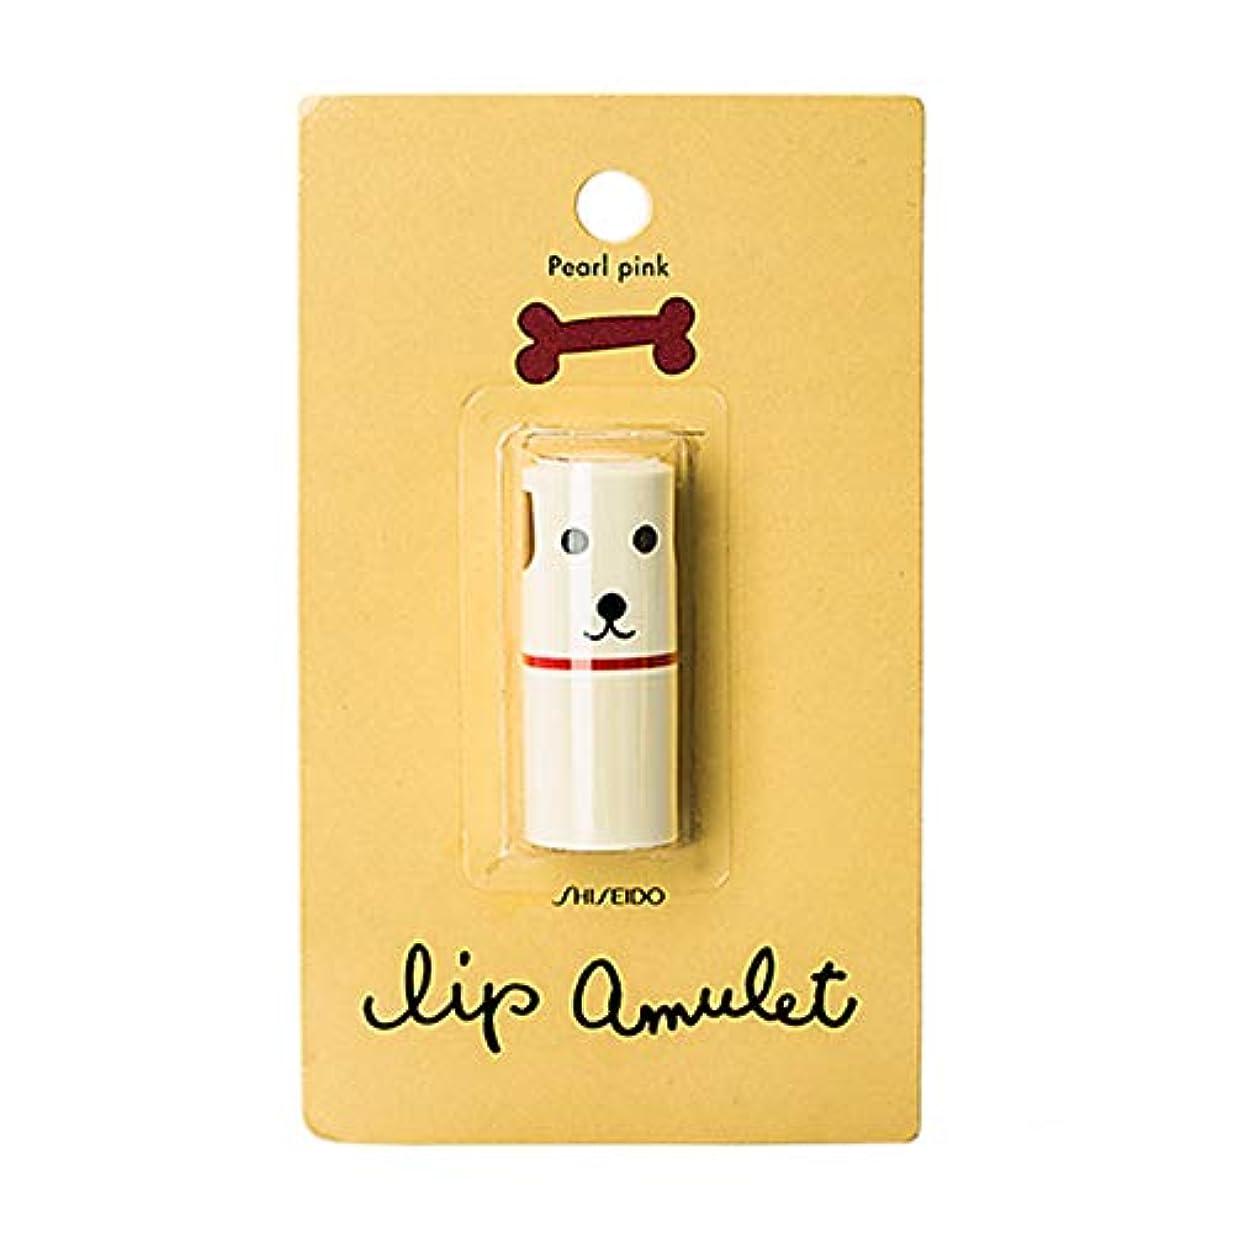 コンサートパレードバッグ【台湾限定】資生堂 Shiseido リップアミュレット Lip Amulet お土産 コスメ 色つきリップ 単品 珍珠粉紅 (パールピンク) [並行輸入品]